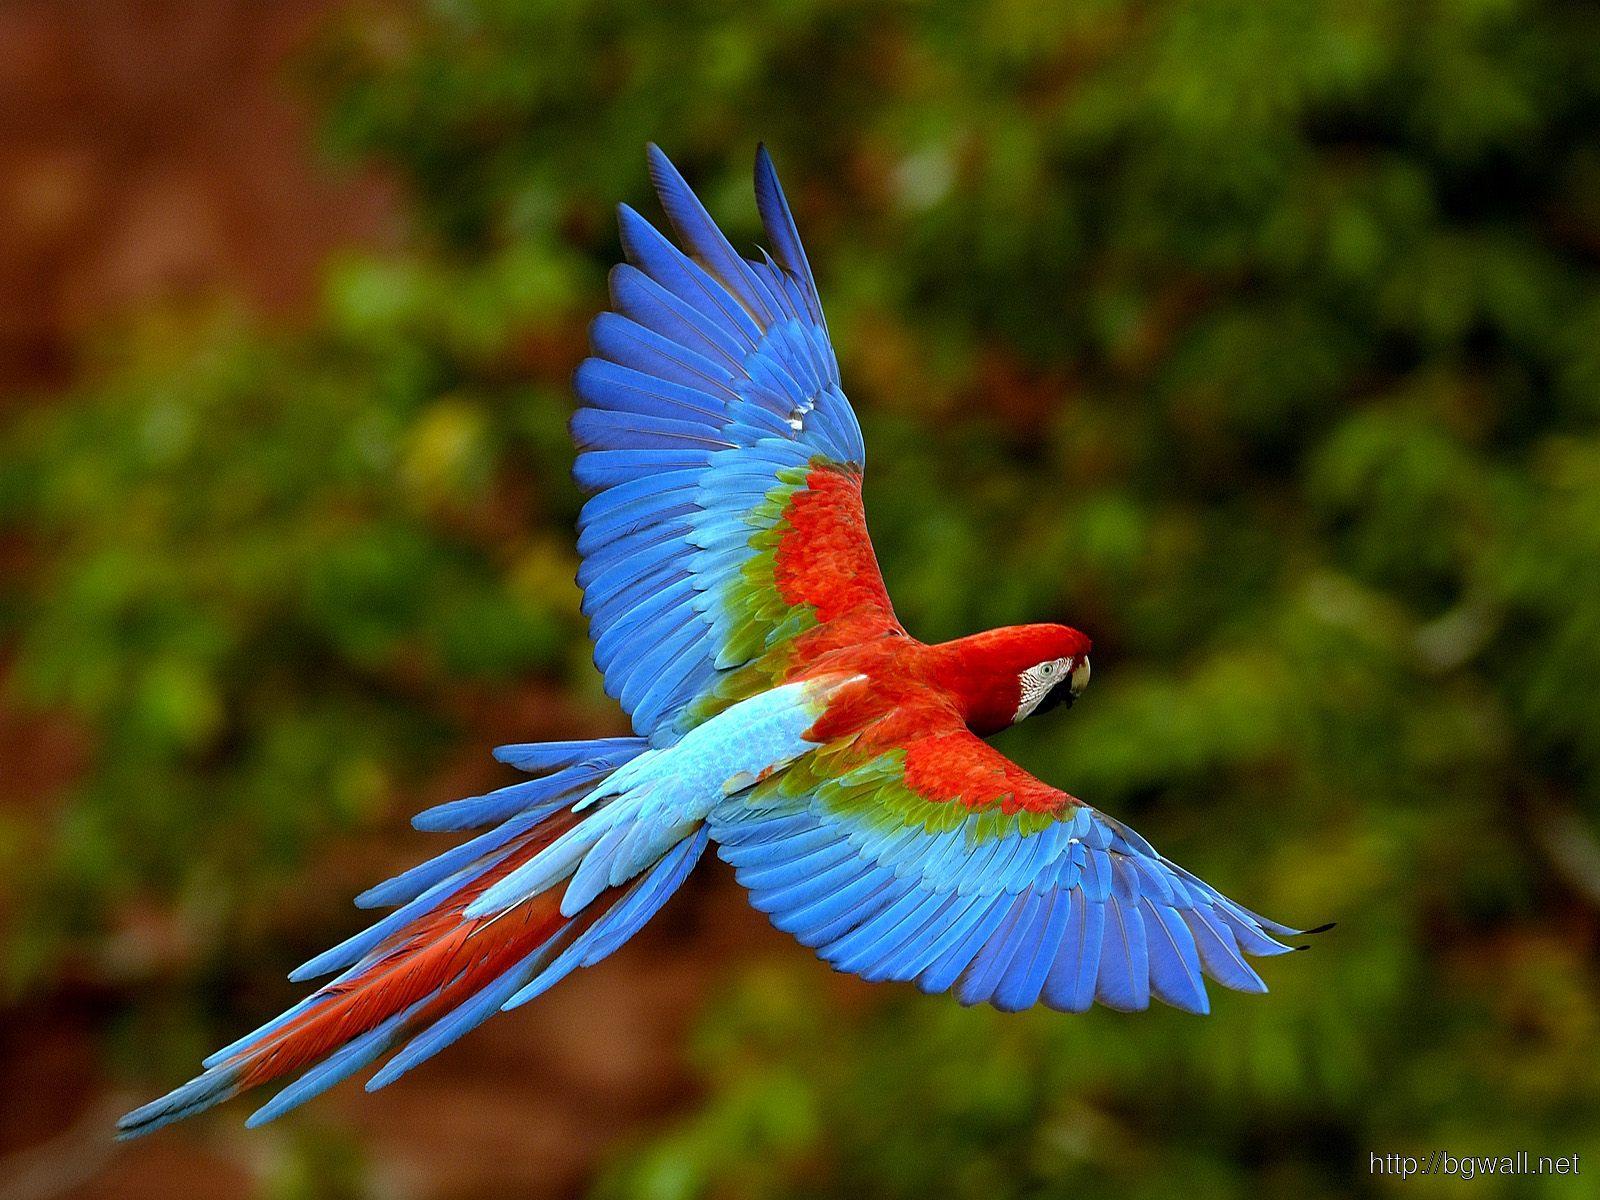 Bird-Pc-Wallpaper